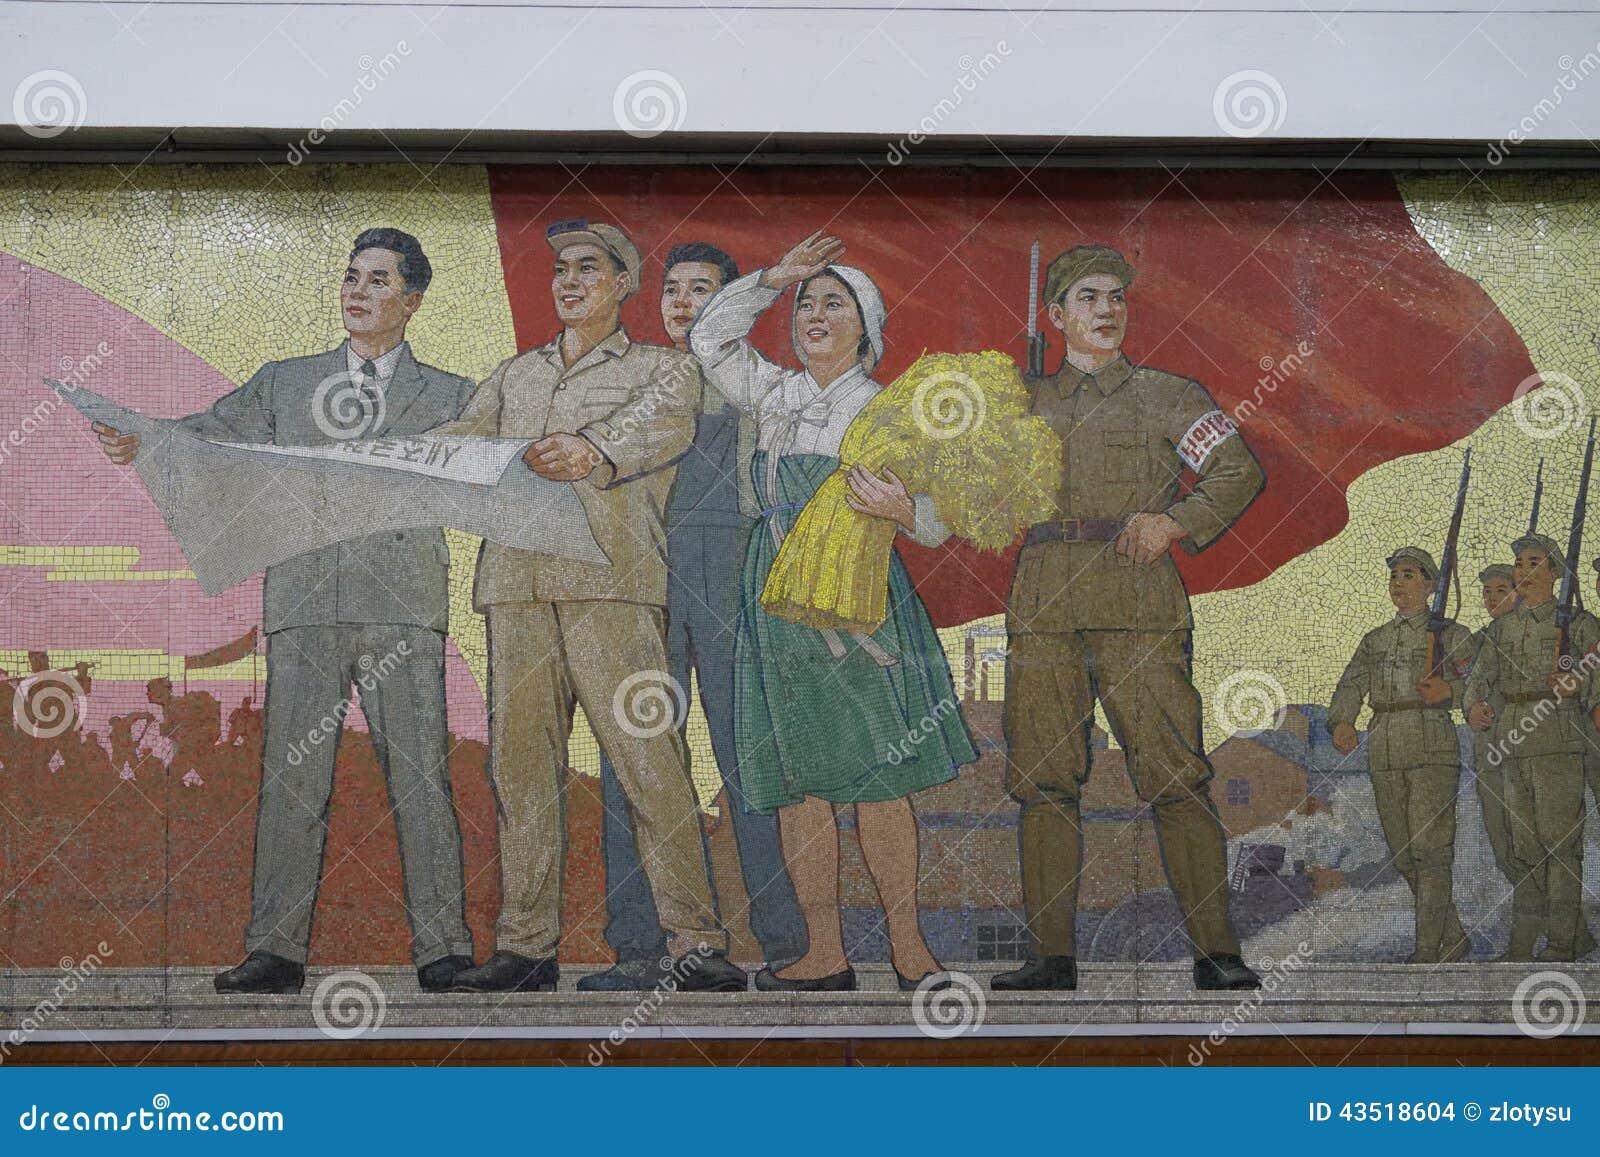 Mosaik av den Kaeson stationen, Pyongyang tunnelbana